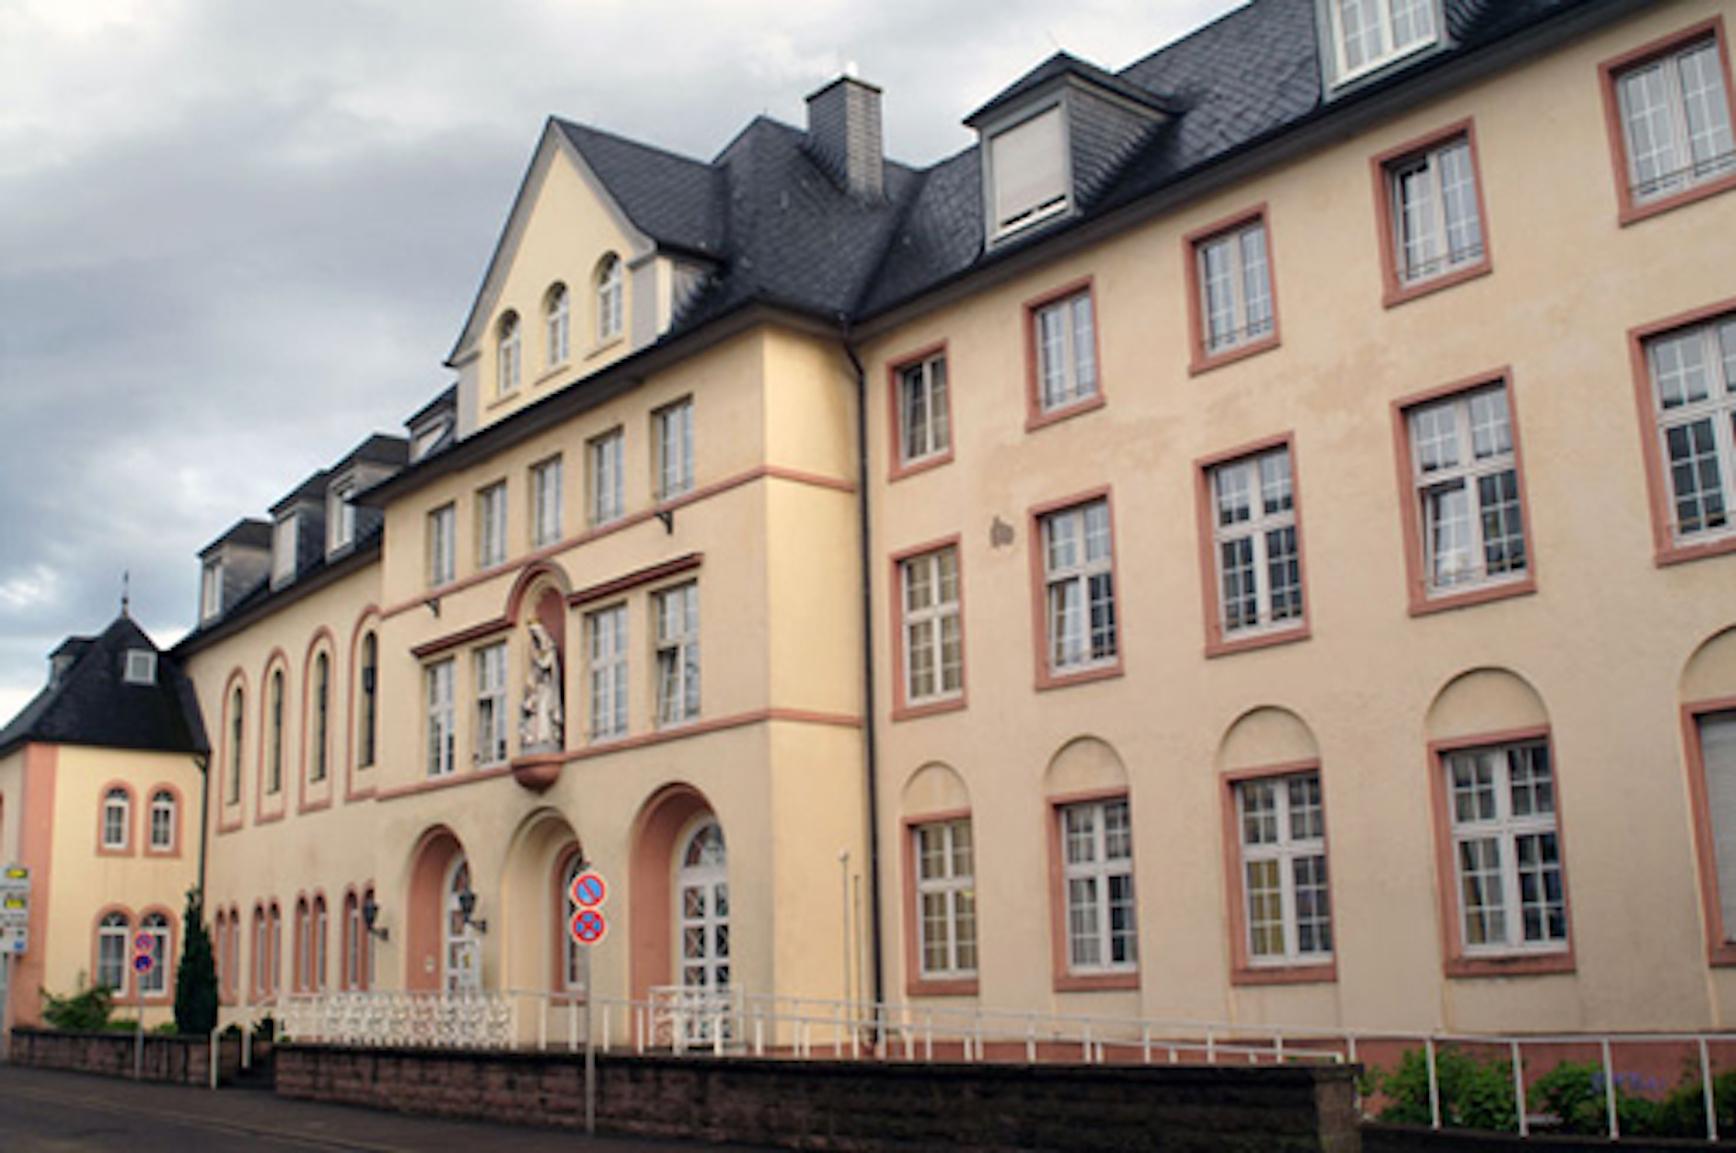 Wohnpark St. Elisabeth Altenpflegeheim & Servicewohnen